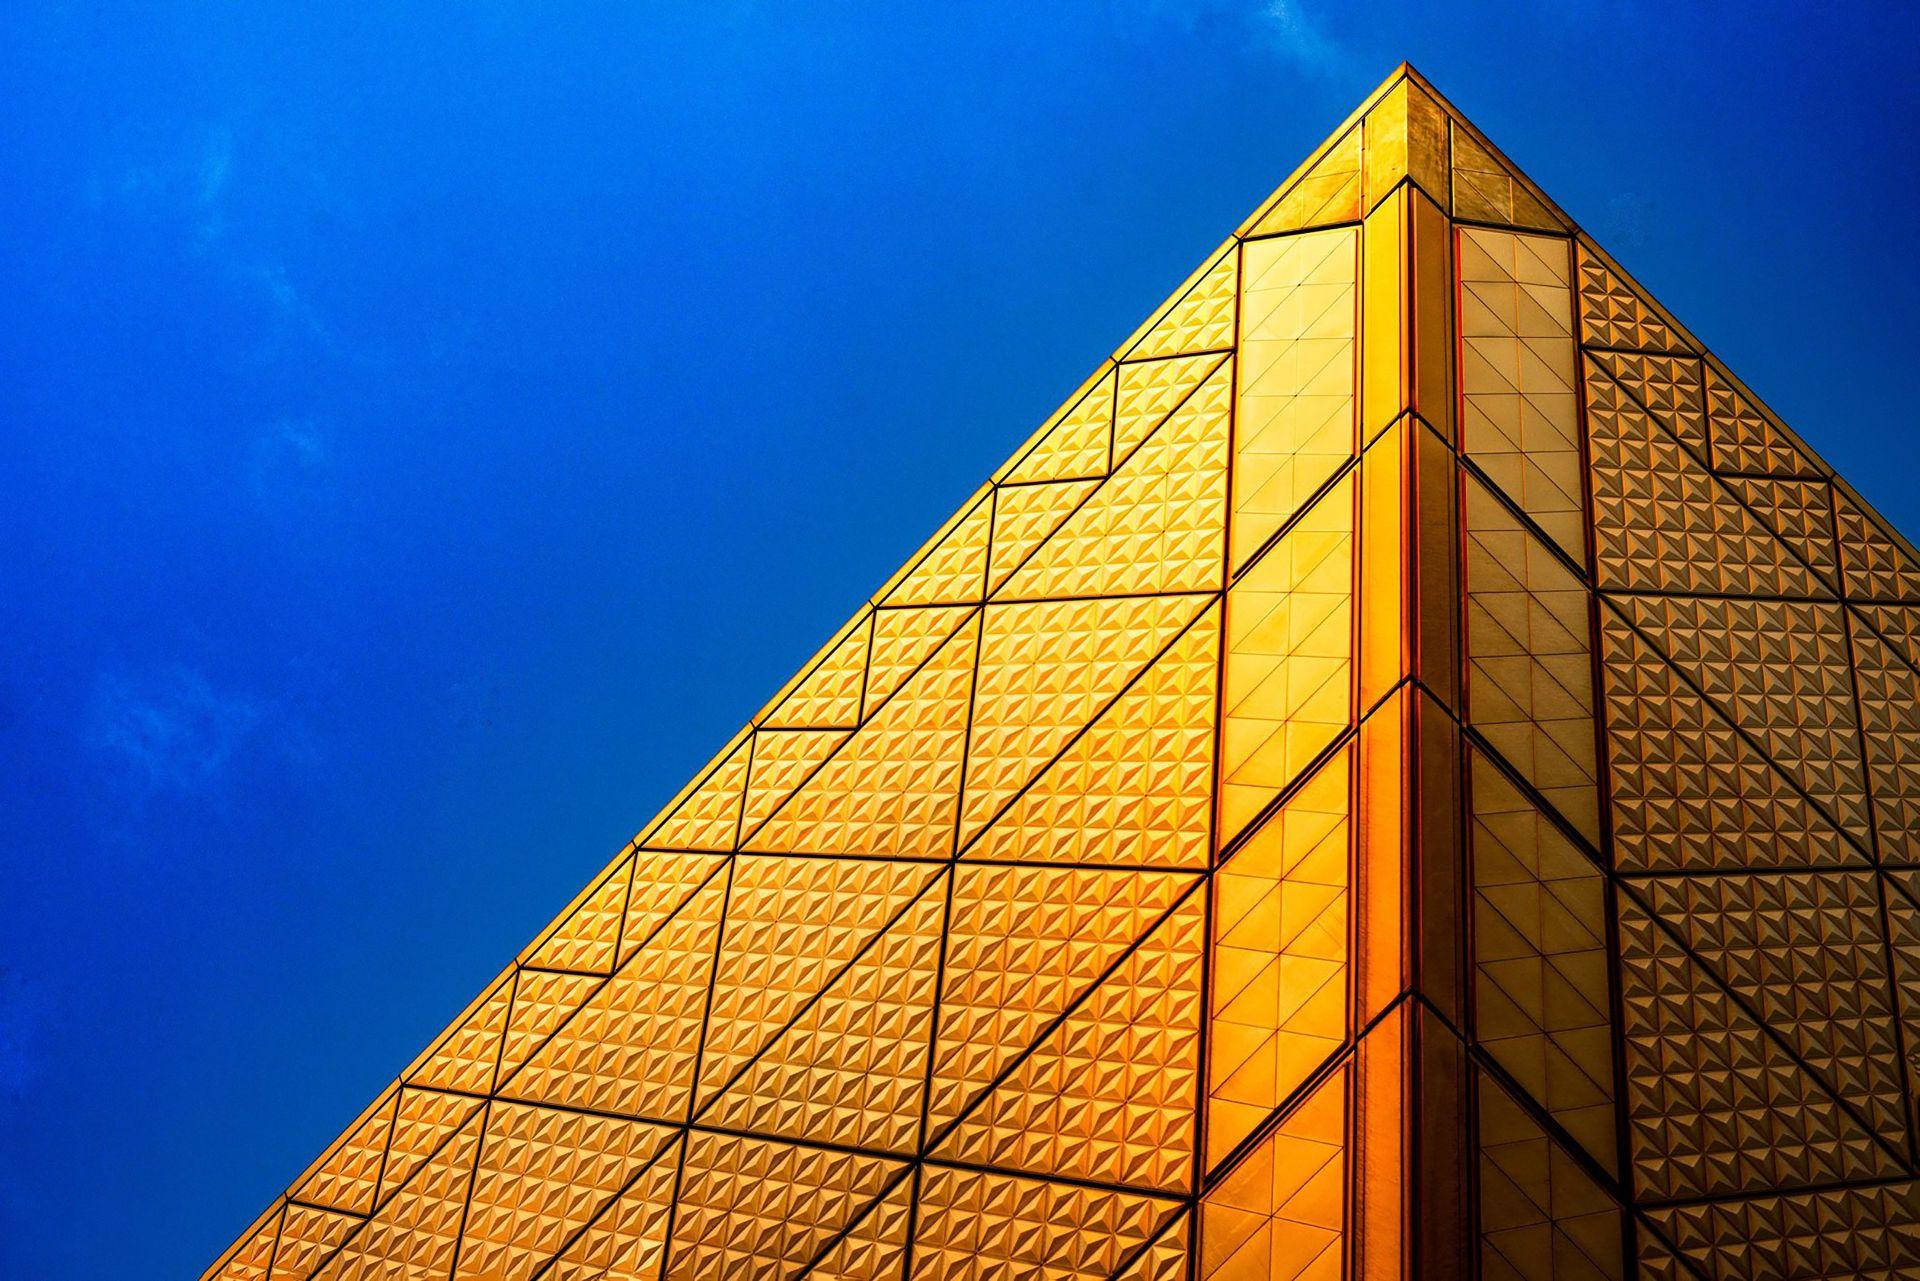 Cena zlata 2021 – koronavirus in gospodarska nestabilnost